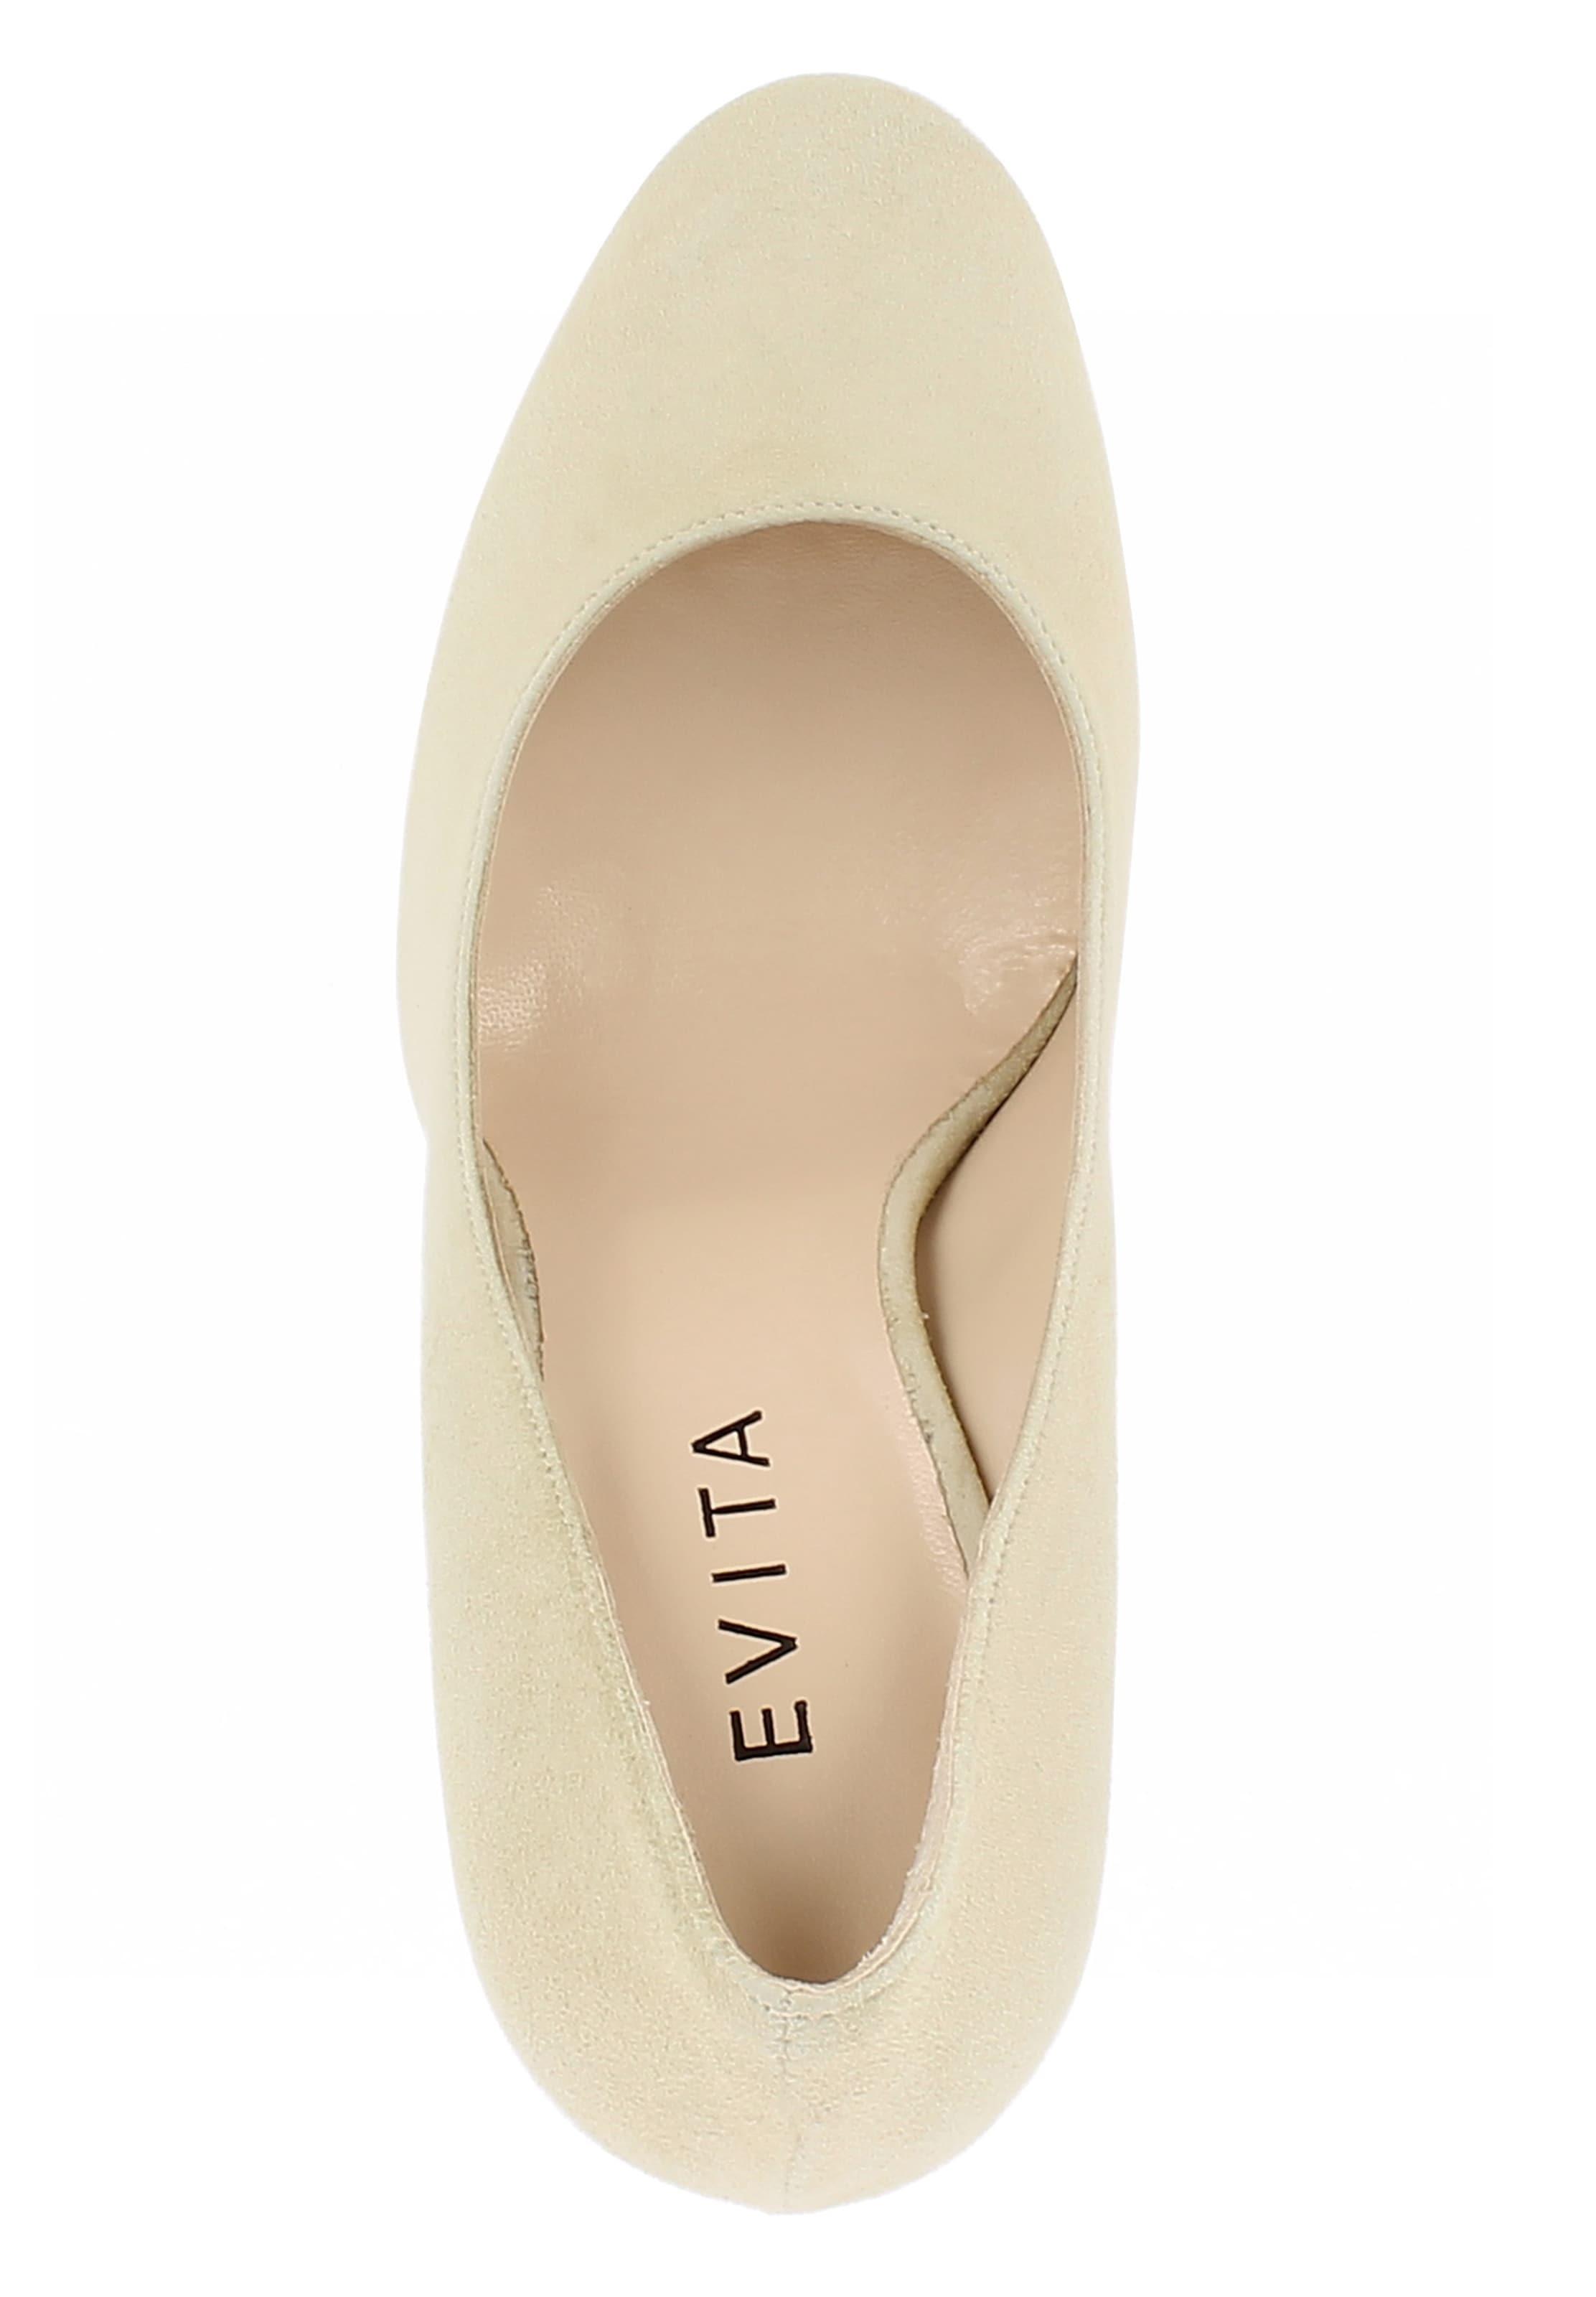 Beige Evita Escarpins Evita Beige 'cristina' Evita 'cristina' En En Escarpins H29eYIEWD